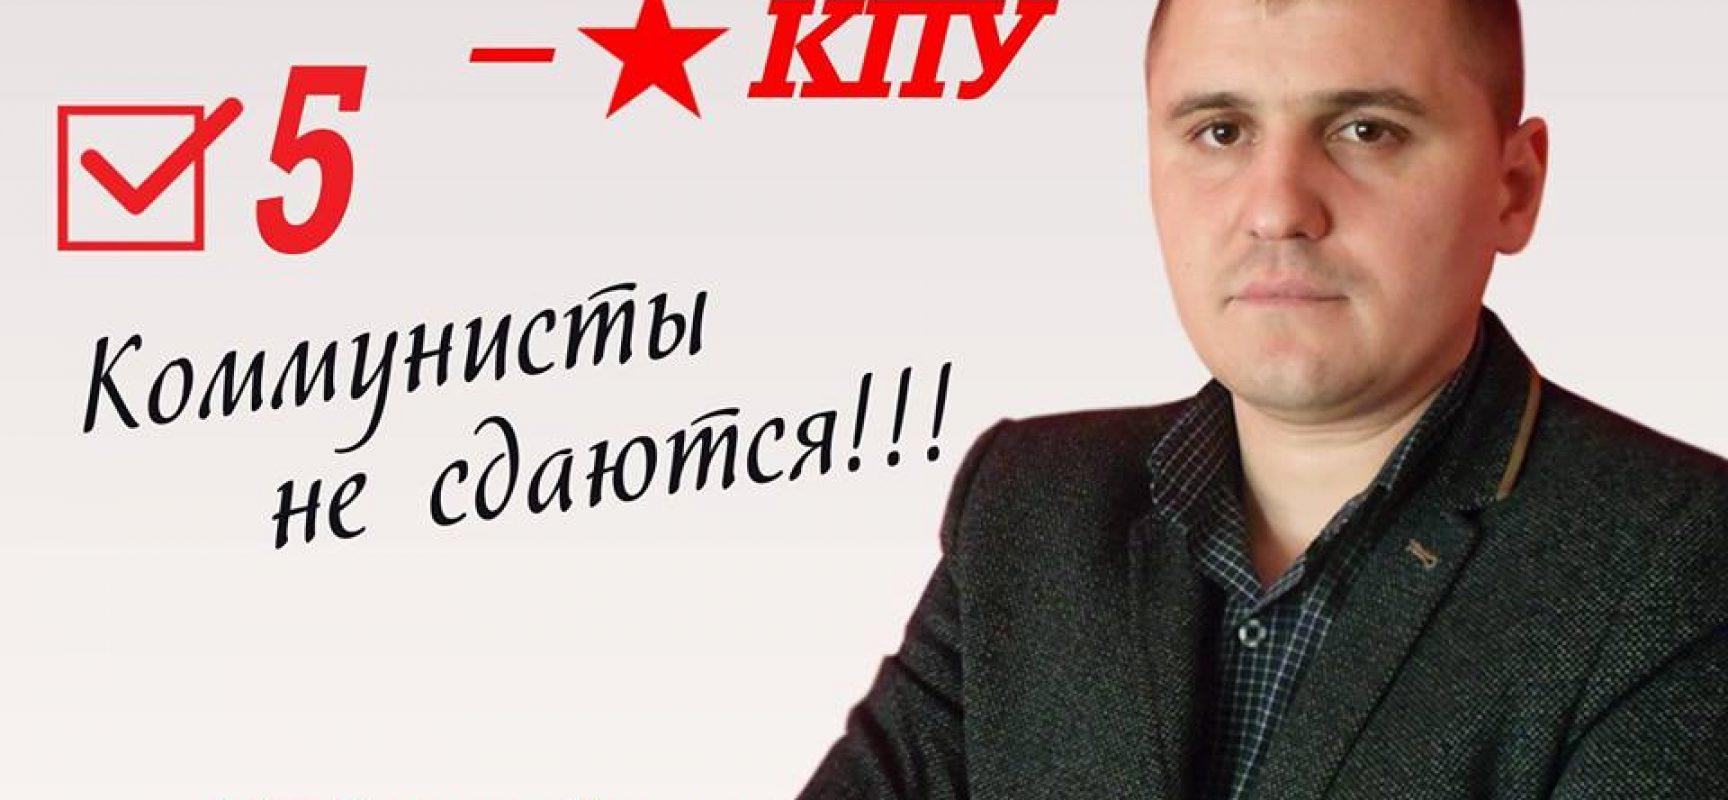 NTV presenta un comunista ucraino come un esperto militare